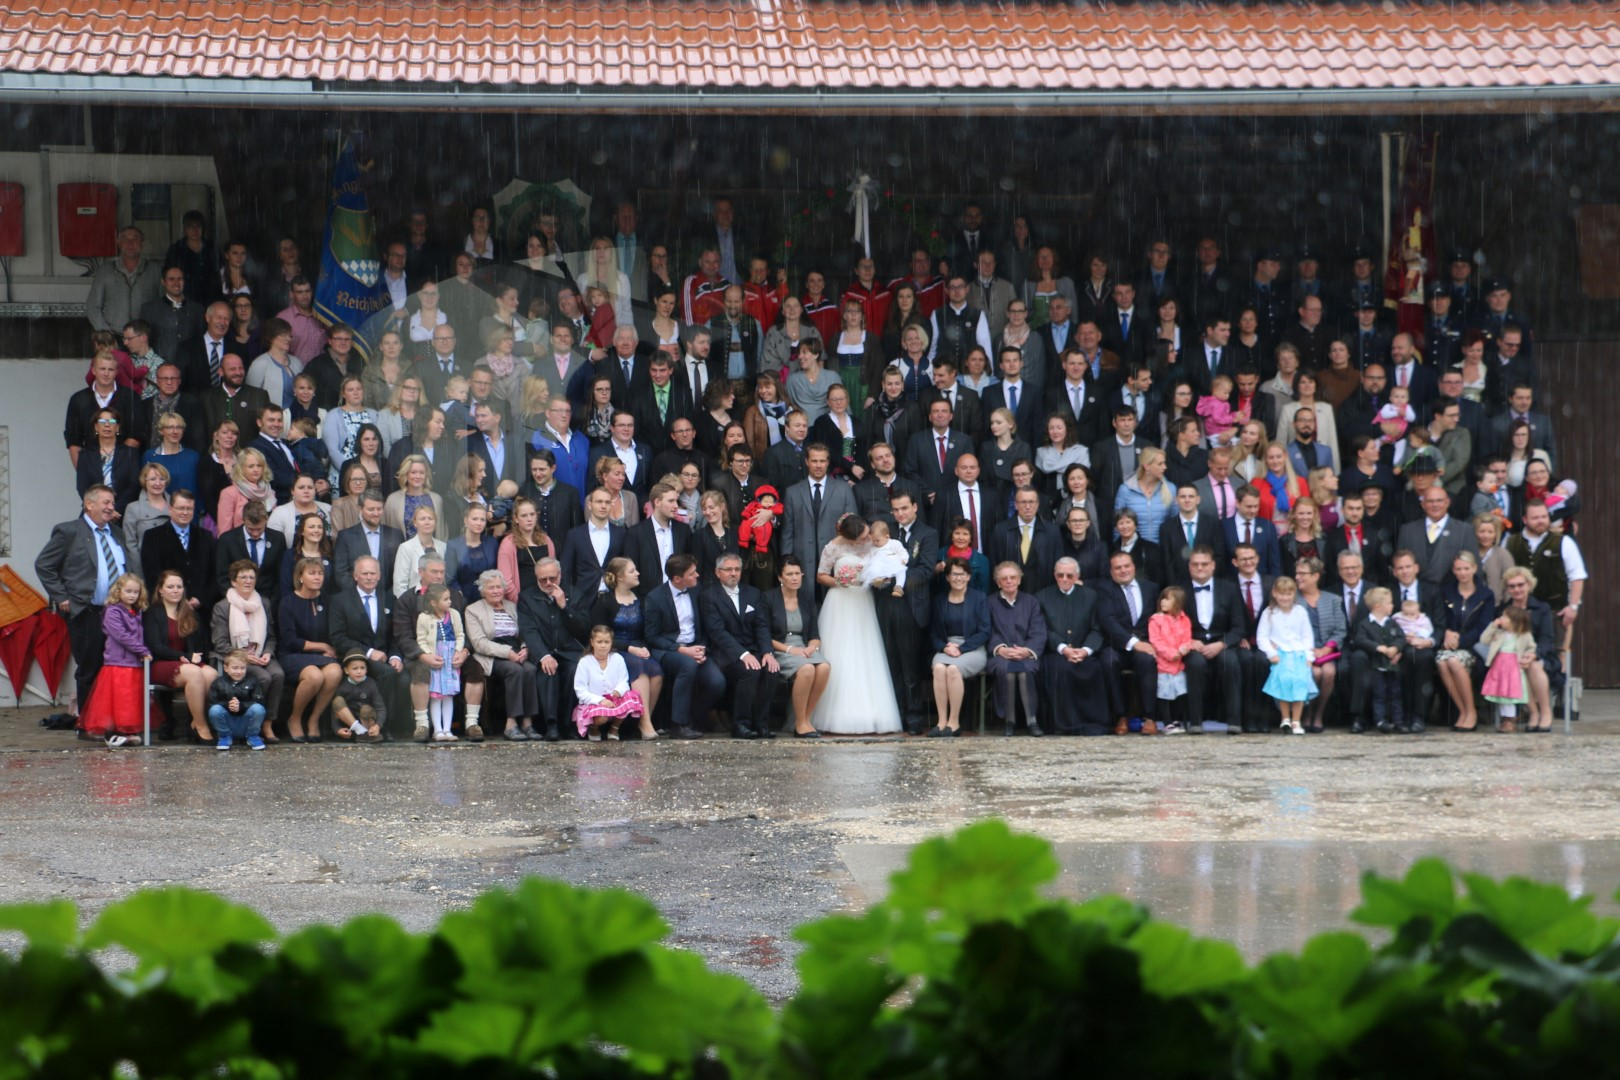 Grosses Gruppenfoto der Hochzeitsgesellschaft